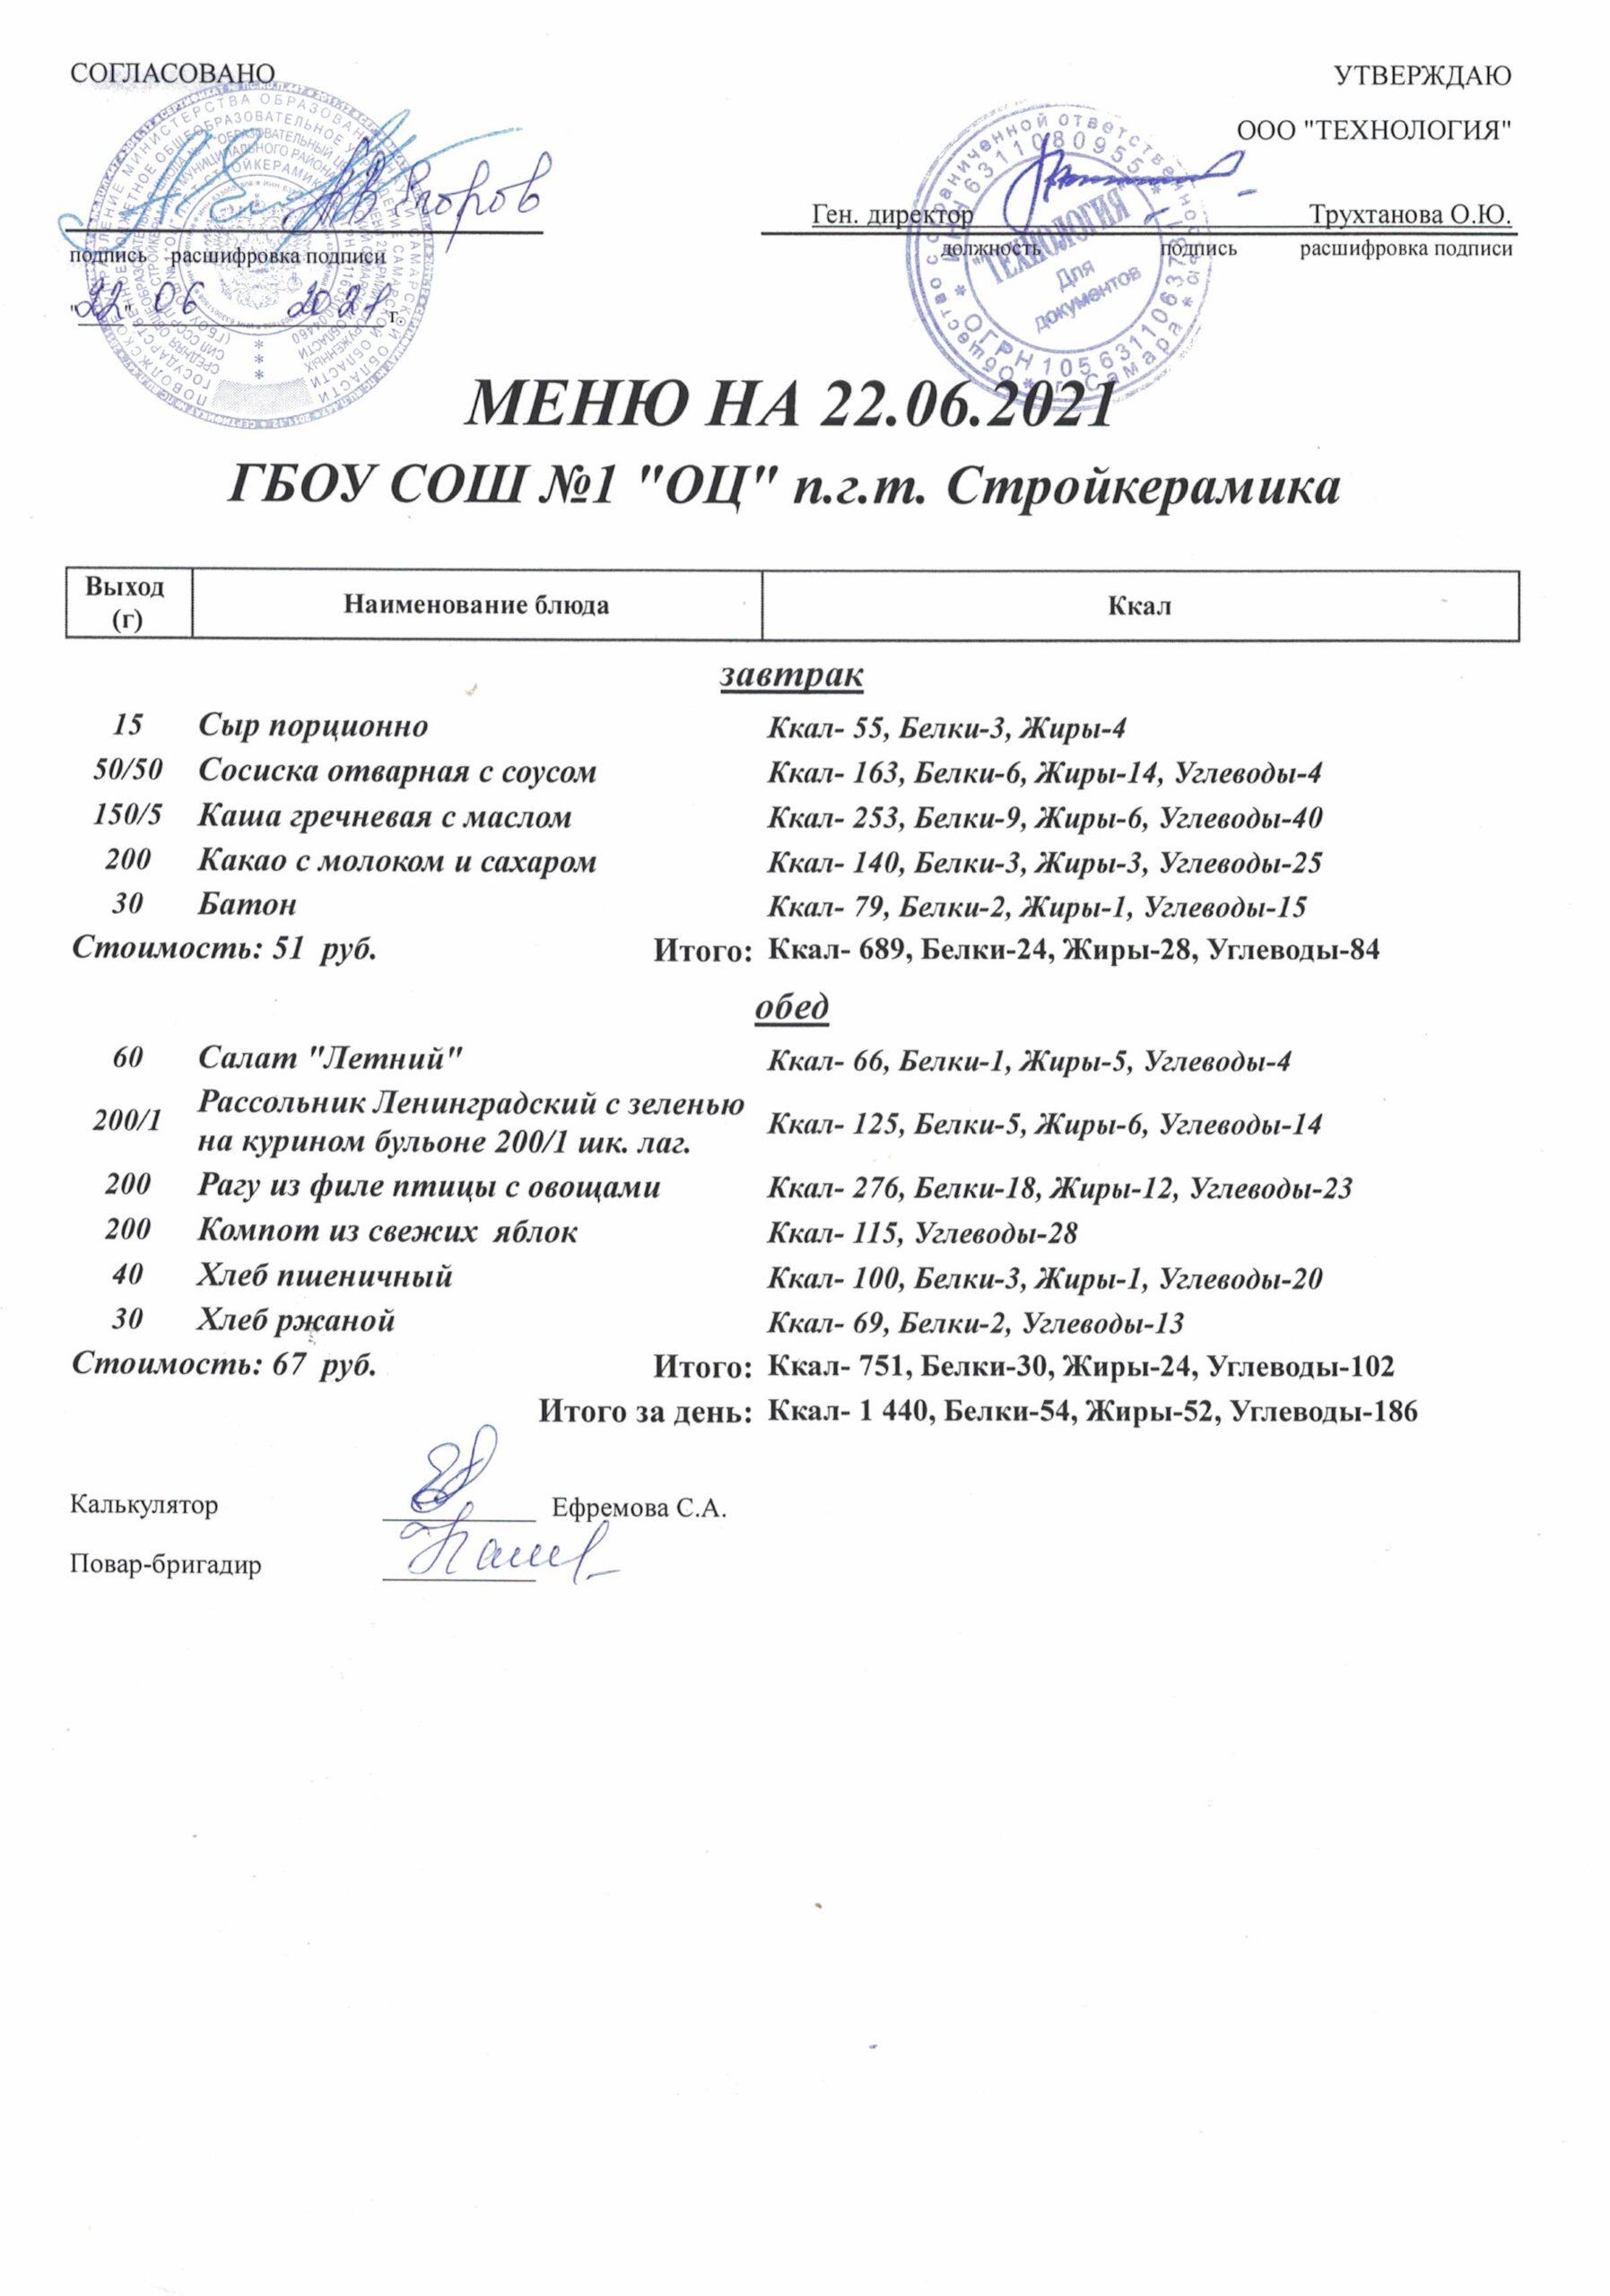 C080BFCE-AA37-48C3-A66A-0D2C30EA344C